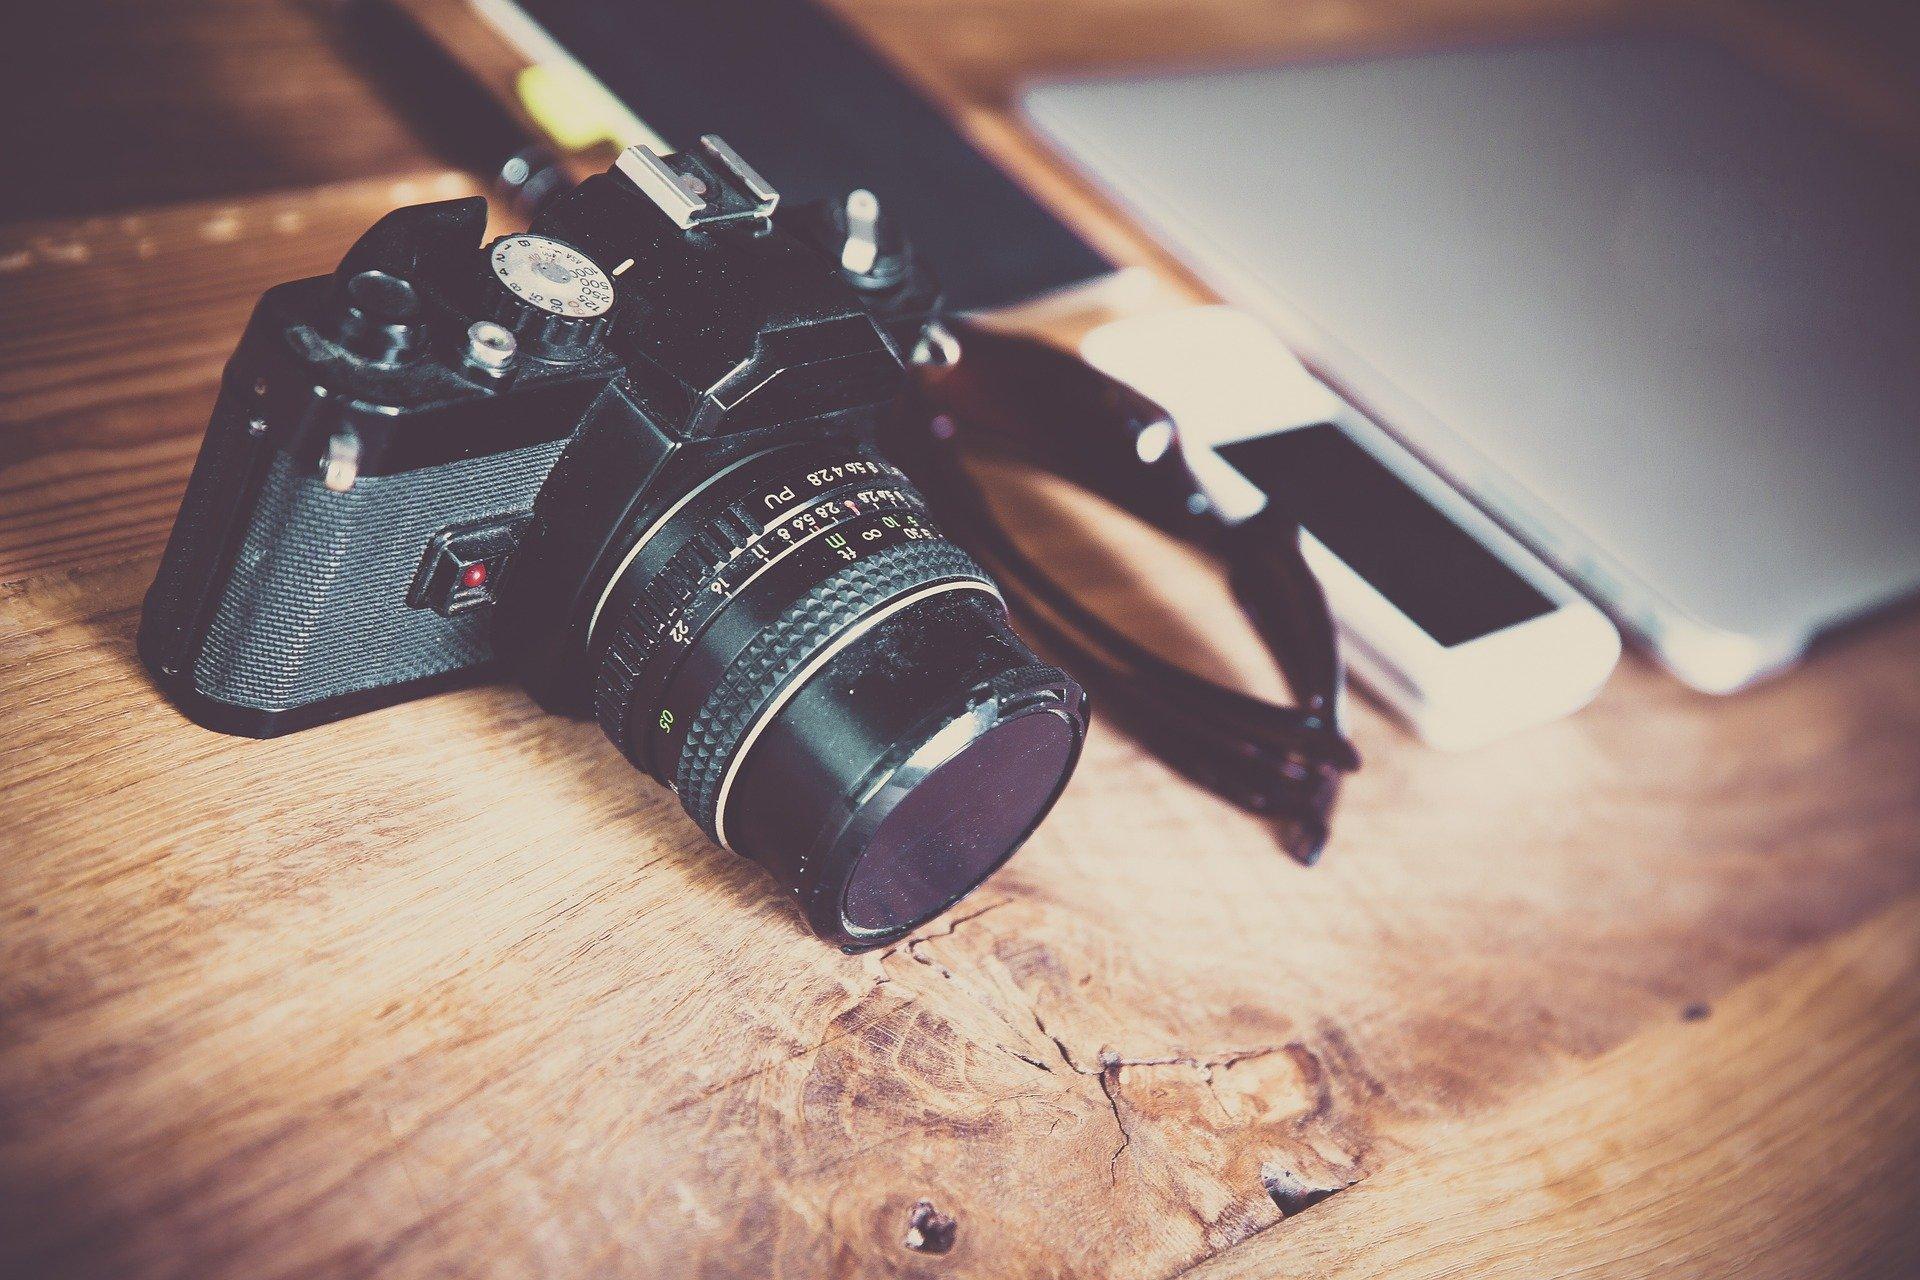 camera-581126_1920.jpg